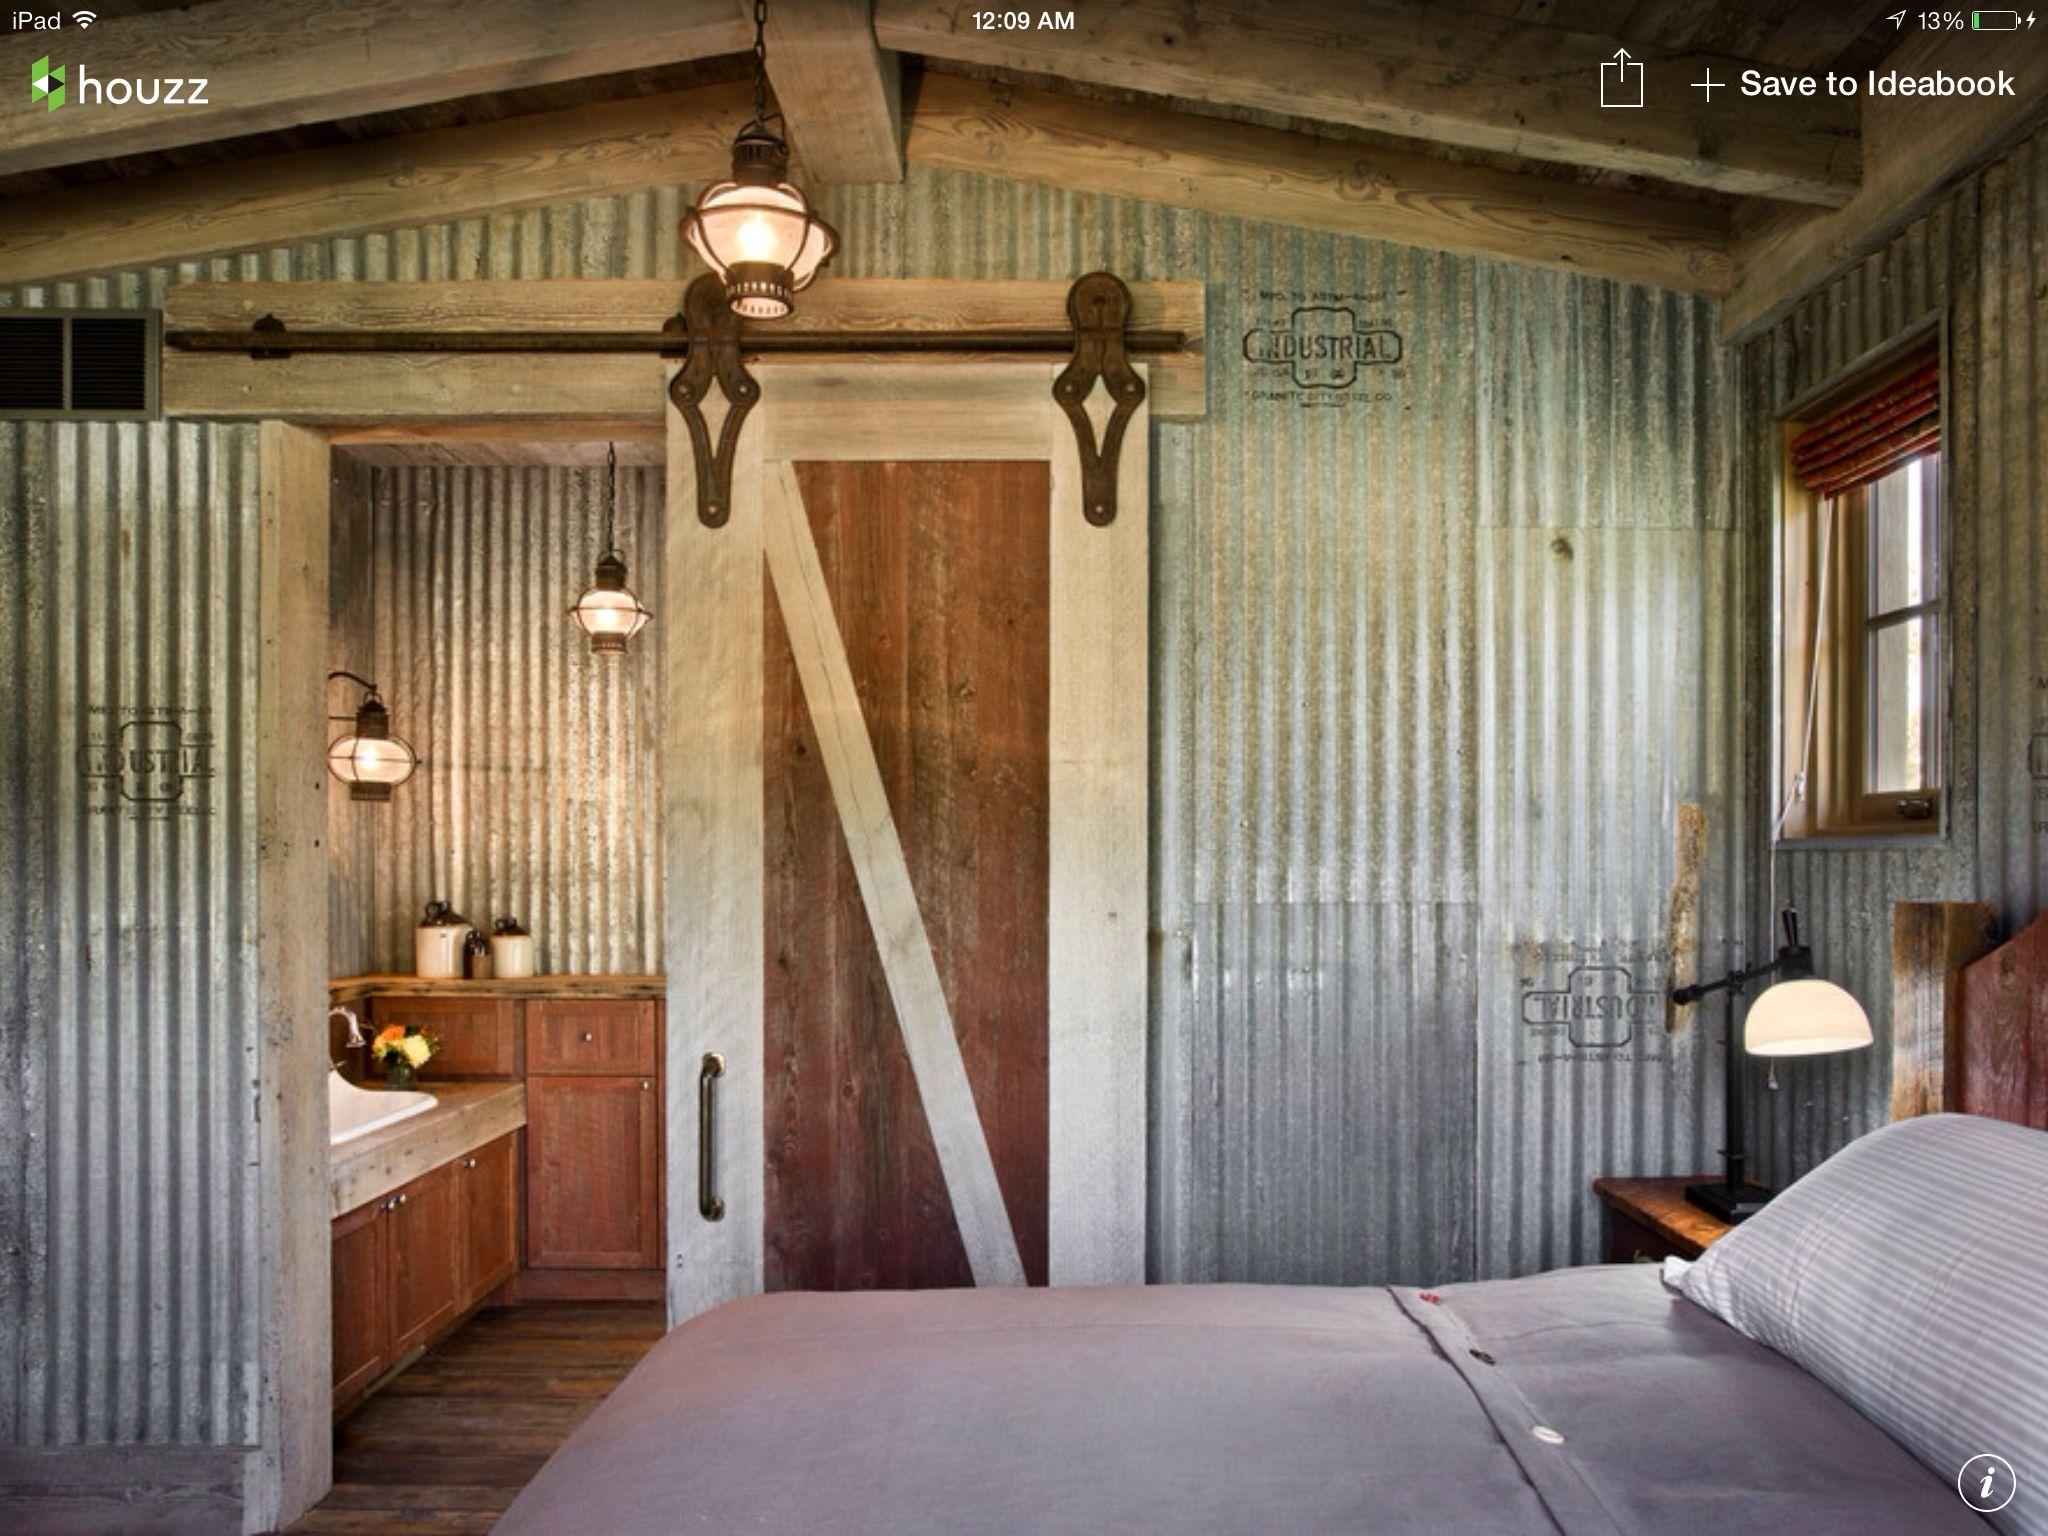 Erkunde Haus Ideen Kleine Häuser und noch mehr